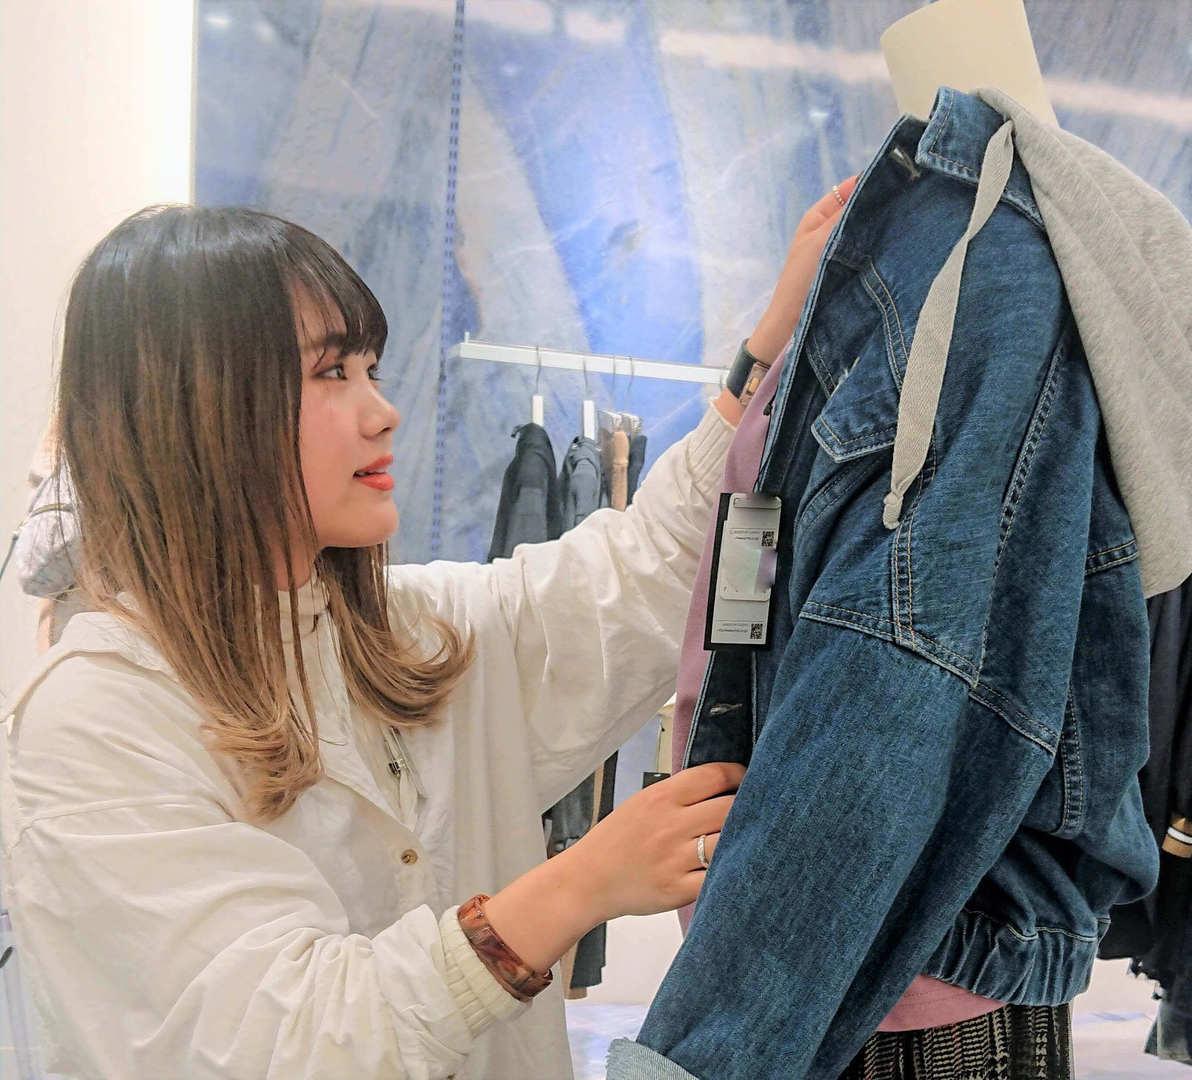 ★岐阜★自分らしさを大切にした接客スタイルで働けるファッションアドバイザー募集のカバー写真